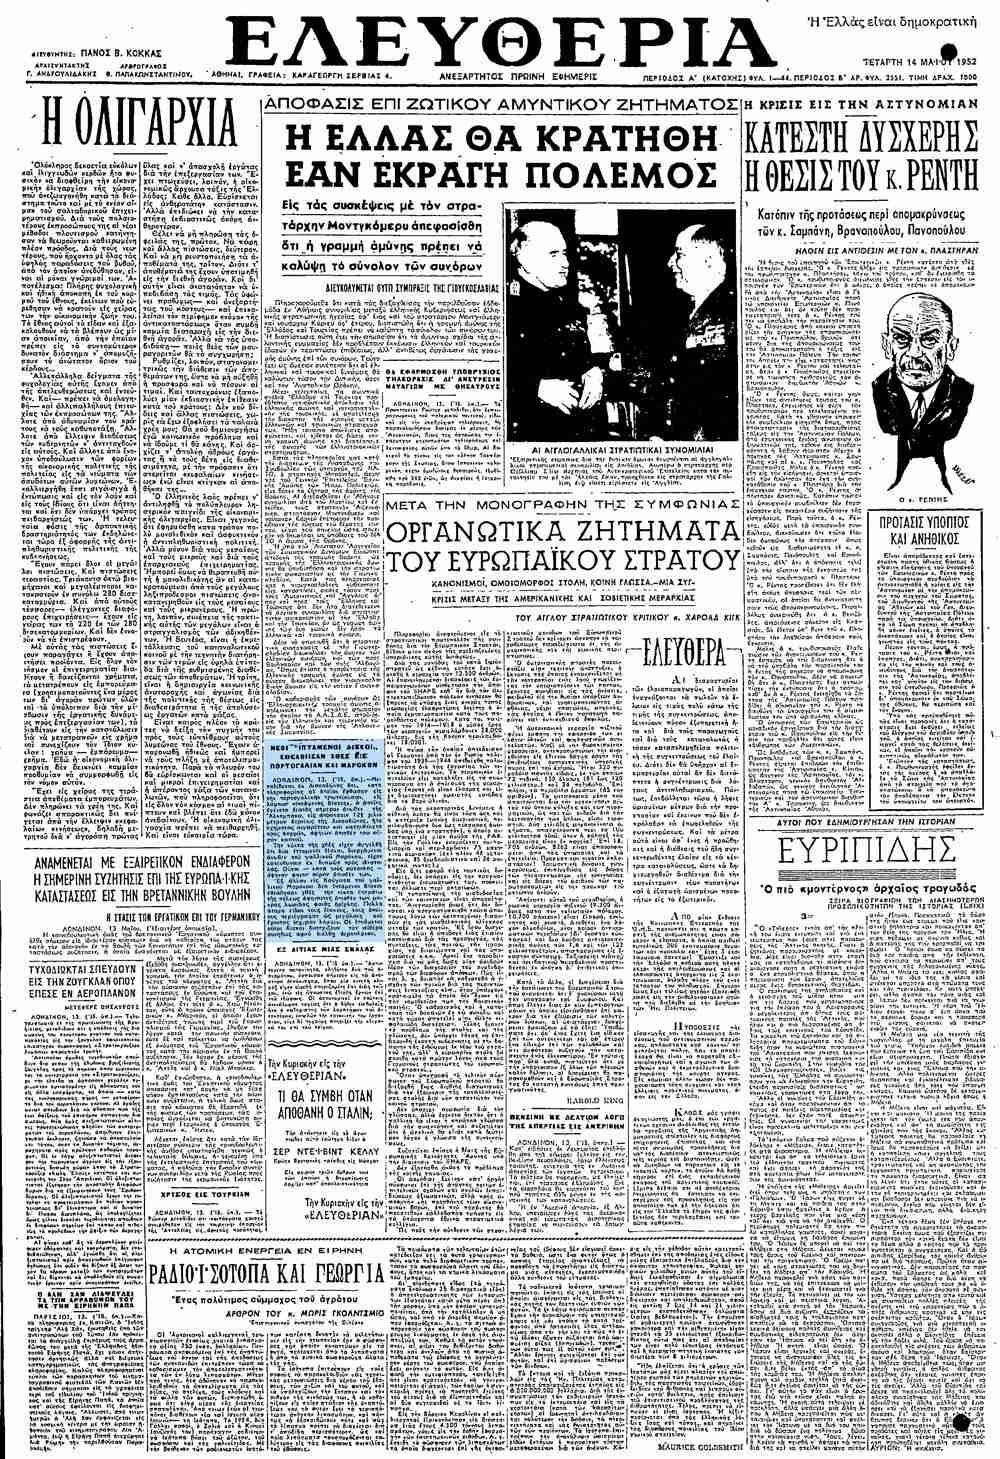 """Το άρθρο, όπως δημοσιεύθηκε στην εφημερίδα """"ΕΛΕΥΘΕΡΙΑ"""", στις 14/05/1952"""